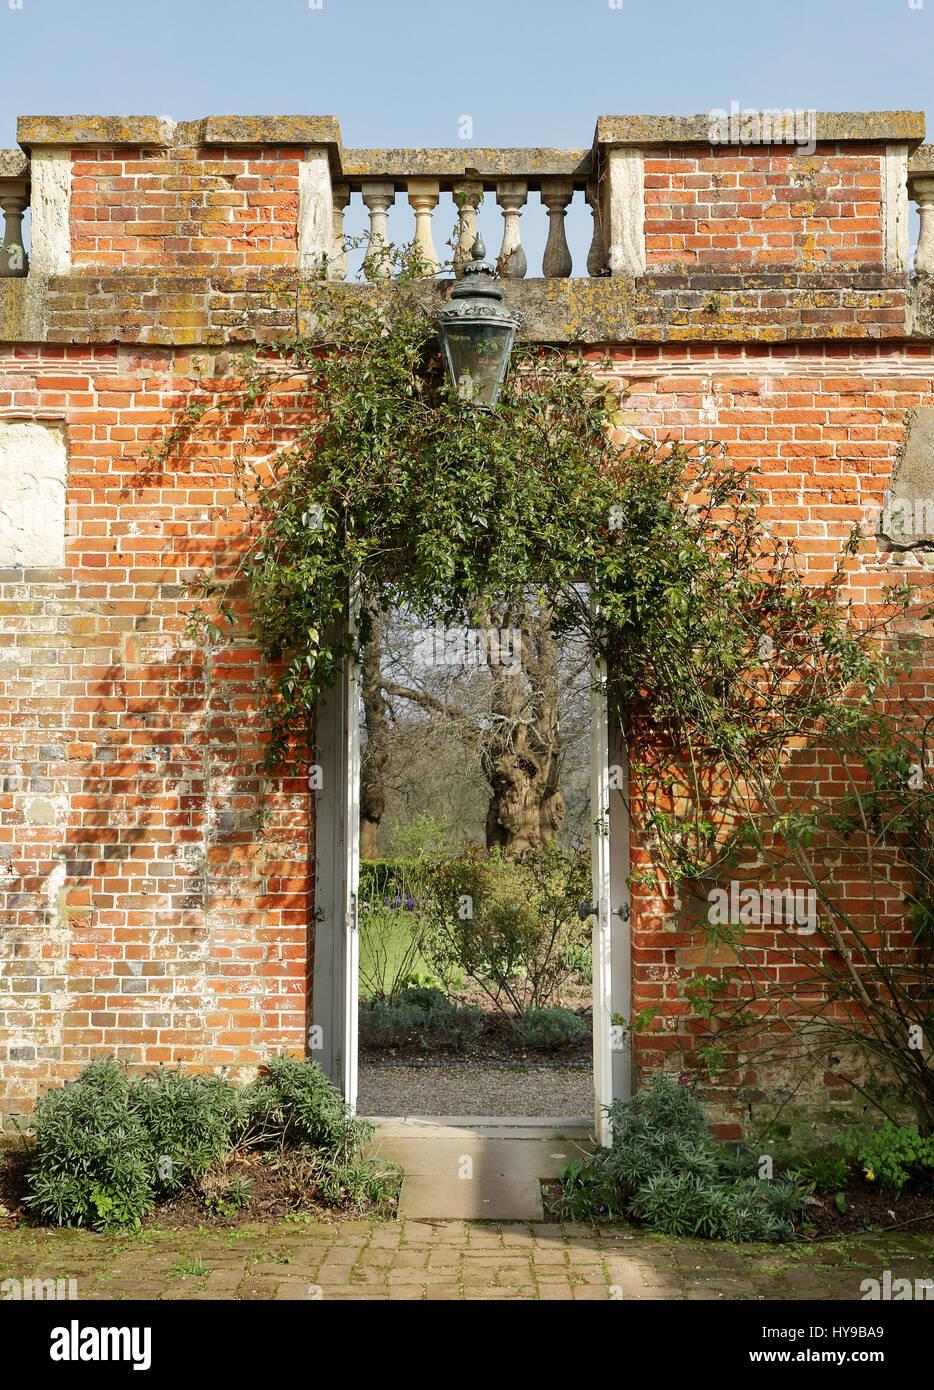 Entrance Into A Medieval Walled Garden Stock Photos & Entrance Into ...